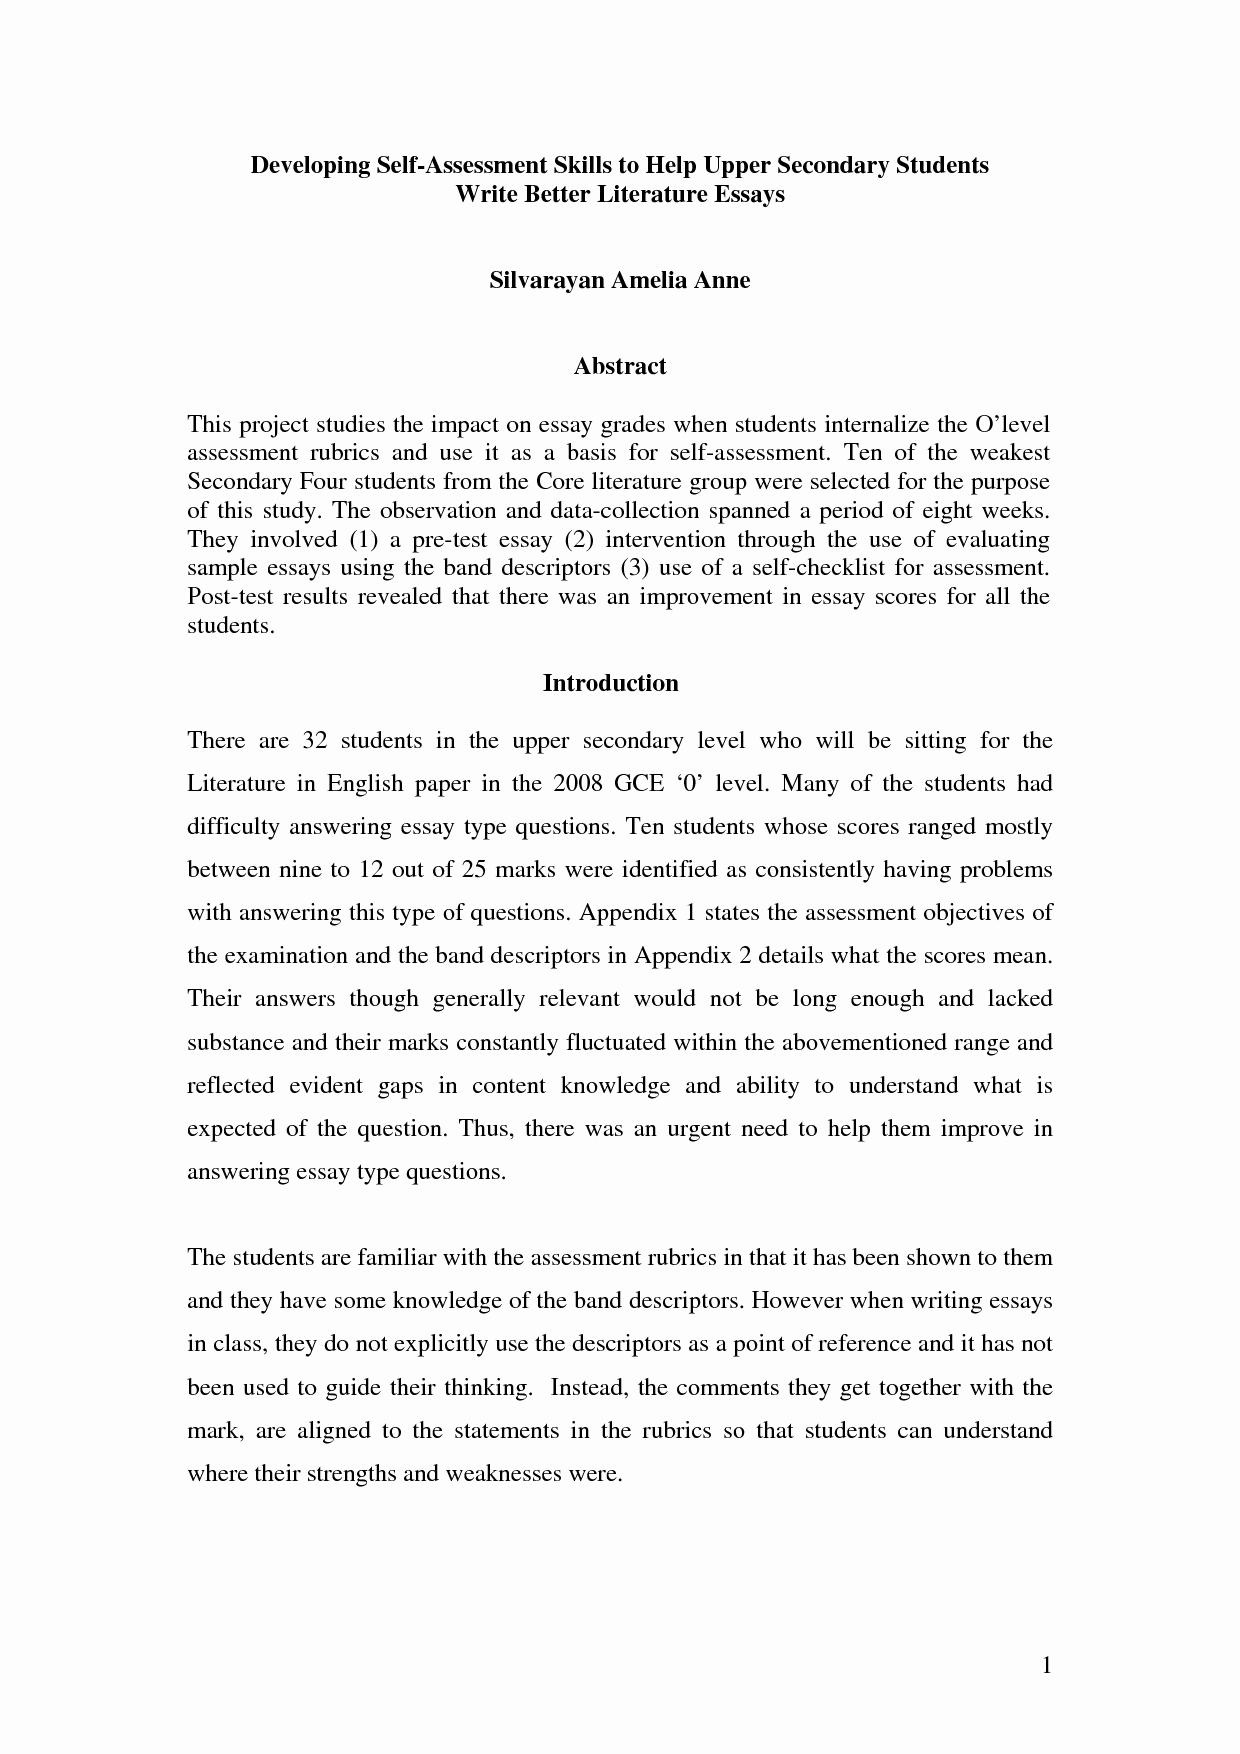 Samples Of Apa format Best Of Apa Essay format Samples